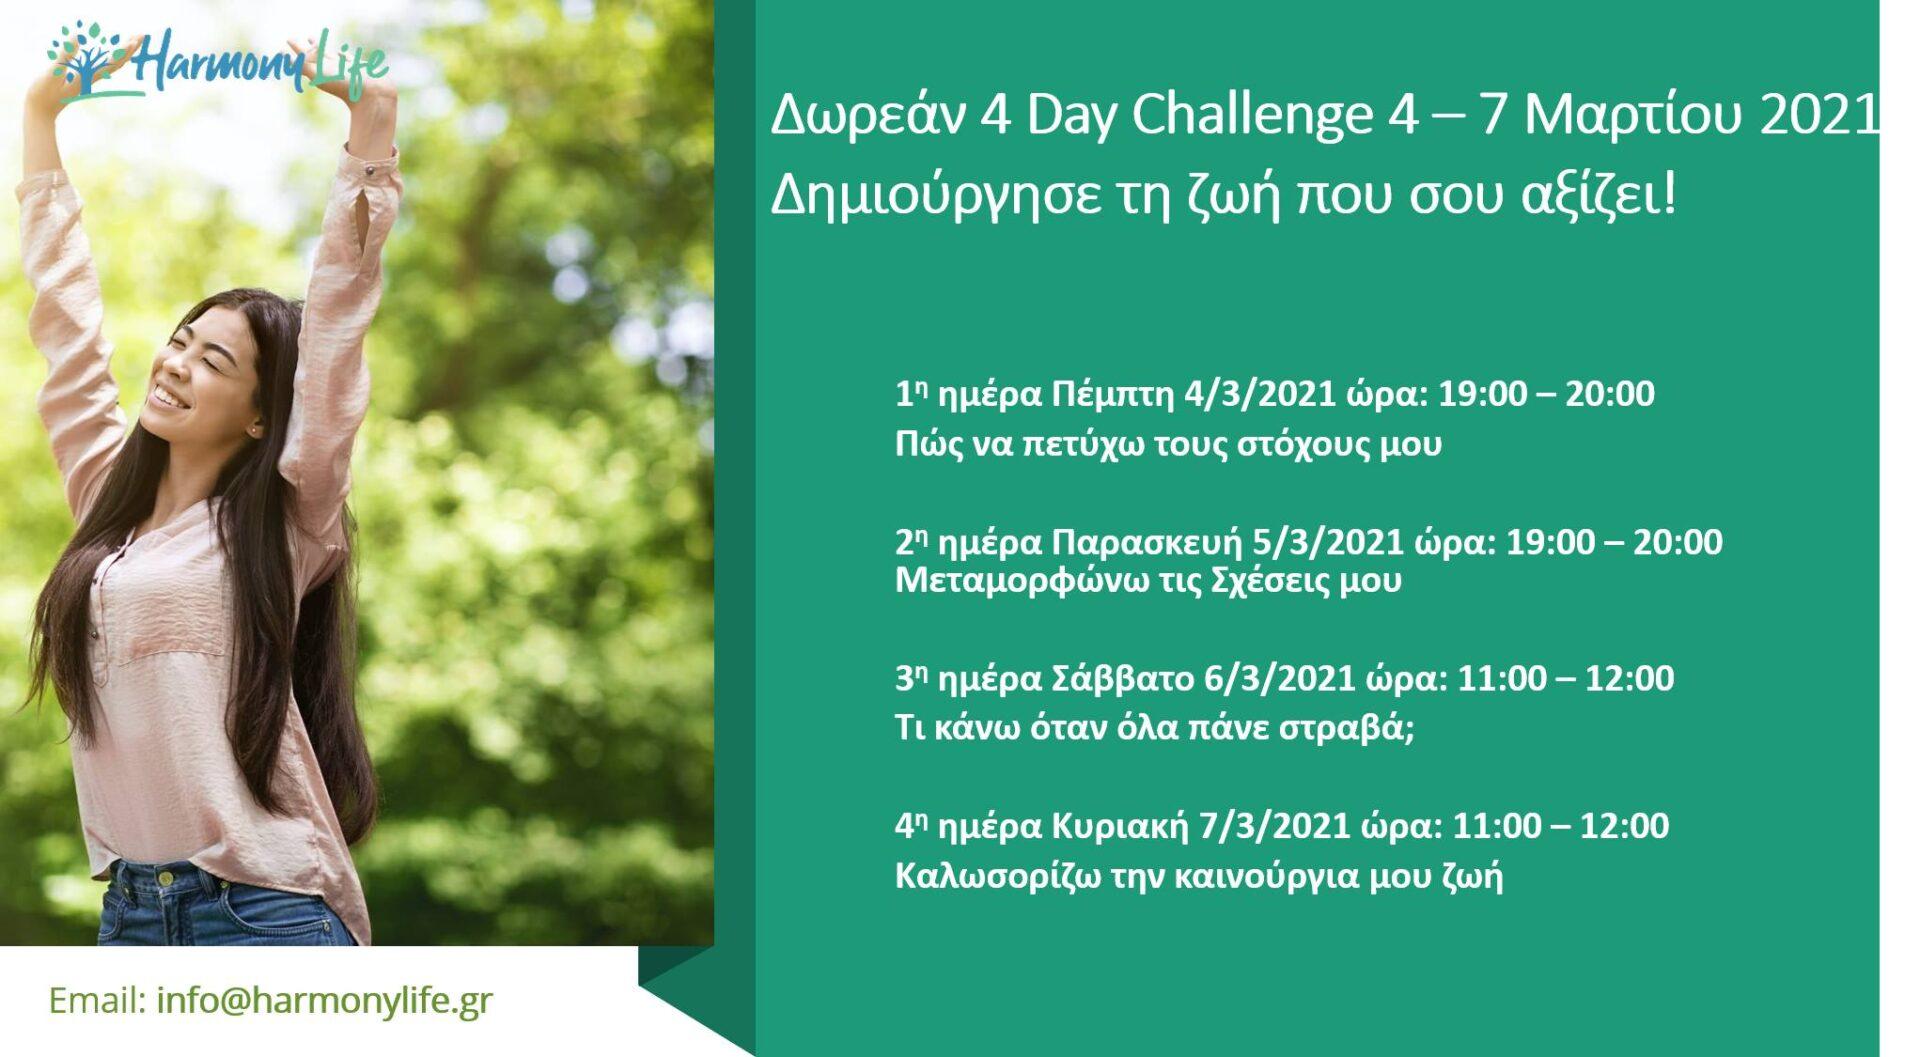 Δωρεάν 4 Day Challenge από το Harmonylife: 4 – 7 Μαρτίου 2021